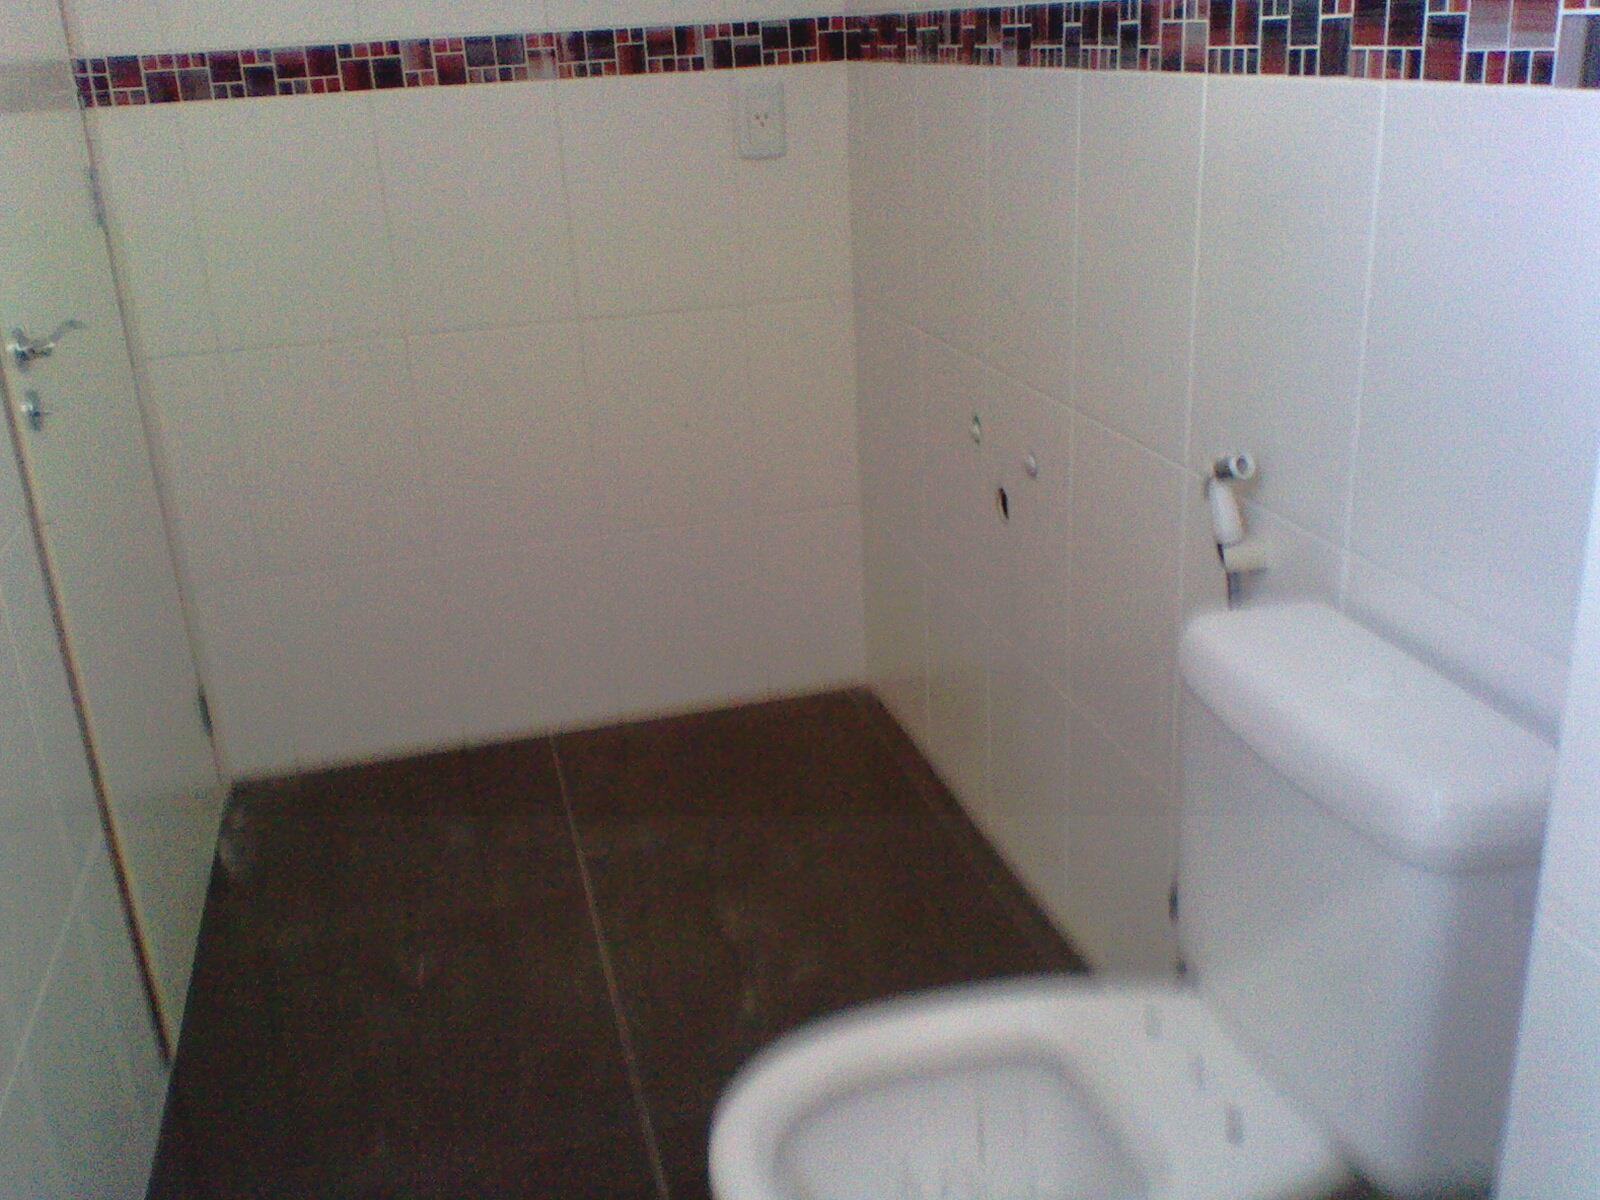 60x60cm na cor marrom acetinado com rejunte epóx junta de 1 5m #634041 1600x1200 Banheiro Branco Com Rejunte Escuro